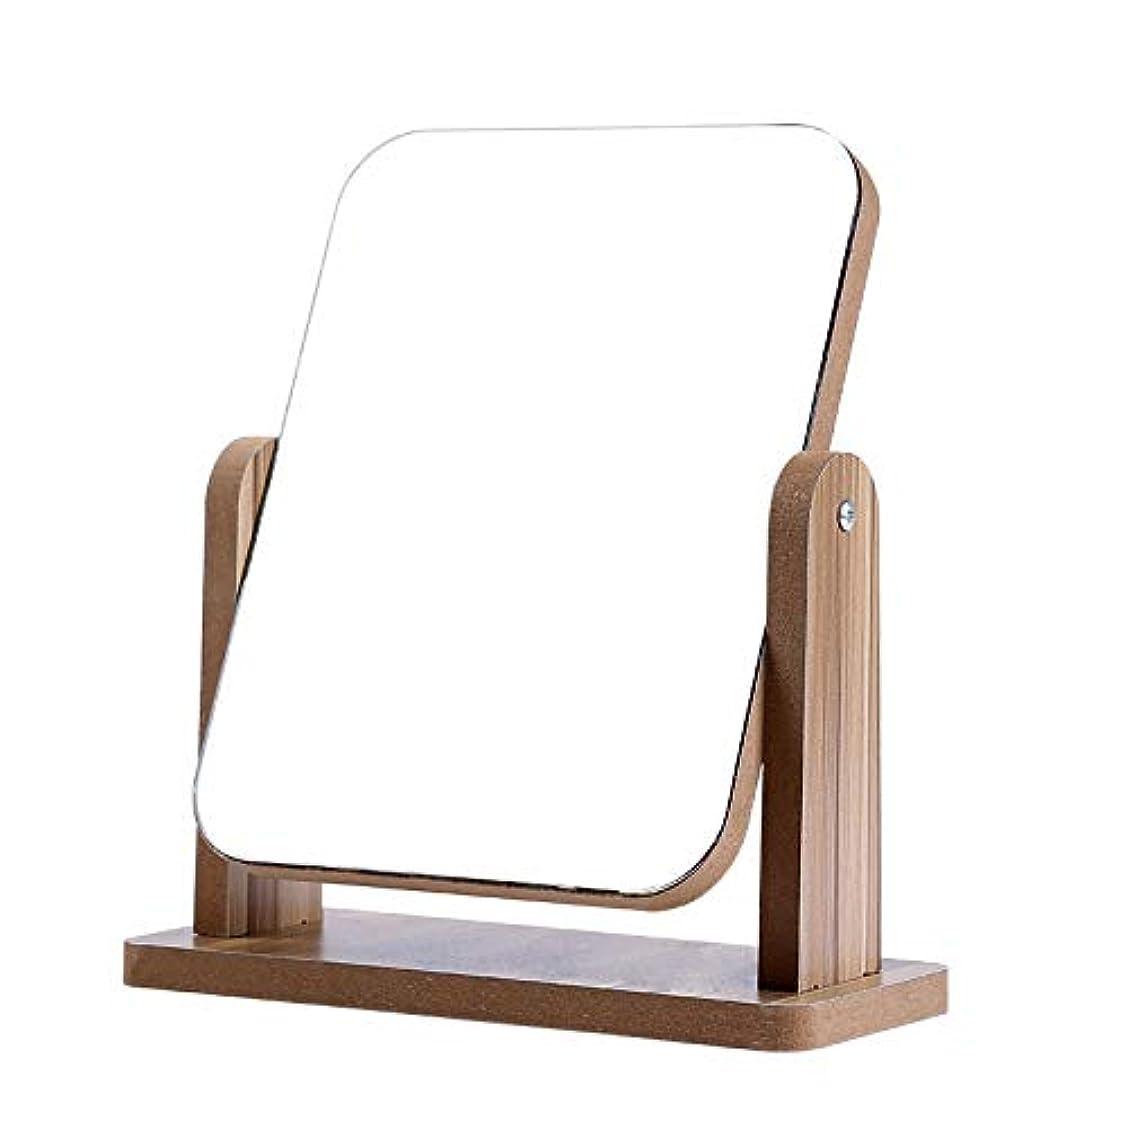 資格情報埋める侵略Anyasun 卓上ミラー 化粧ミラー メイクミラー 360度回転 スタンドミラー 化粧鏡 木目 (縦)